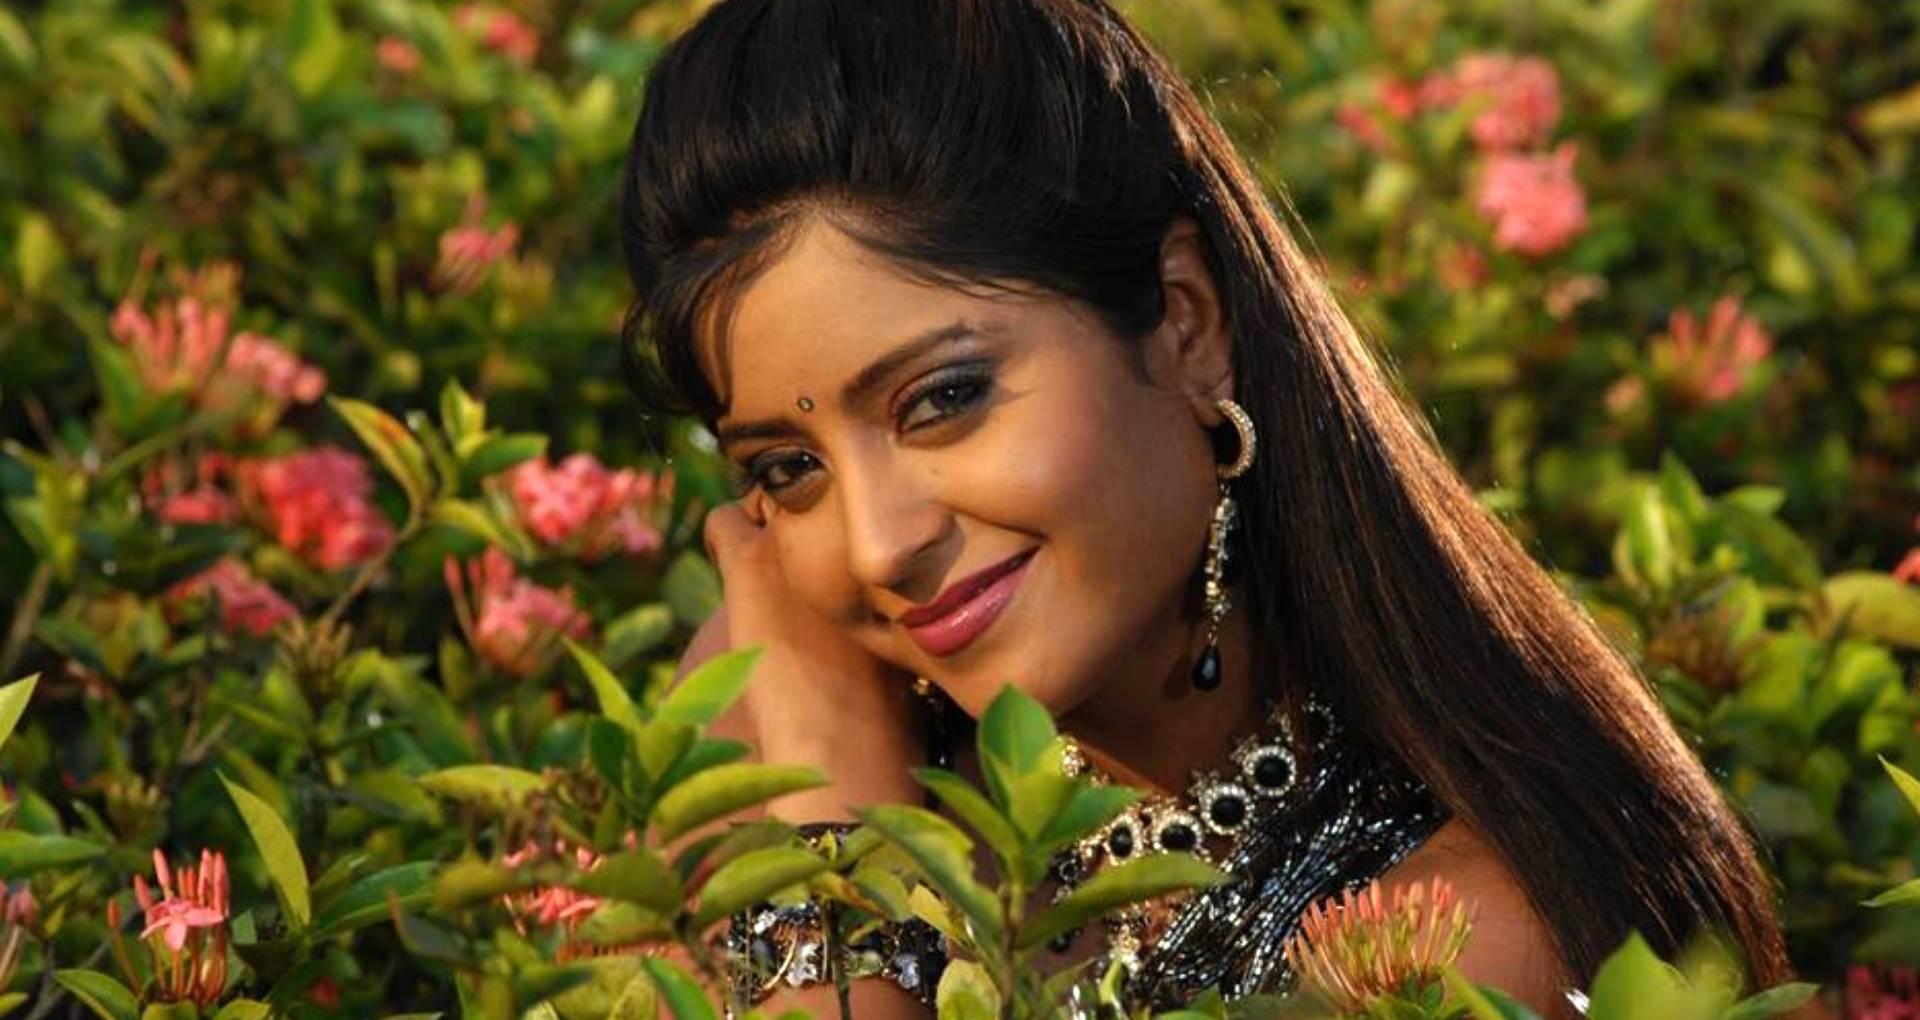 Surabhi Sharma